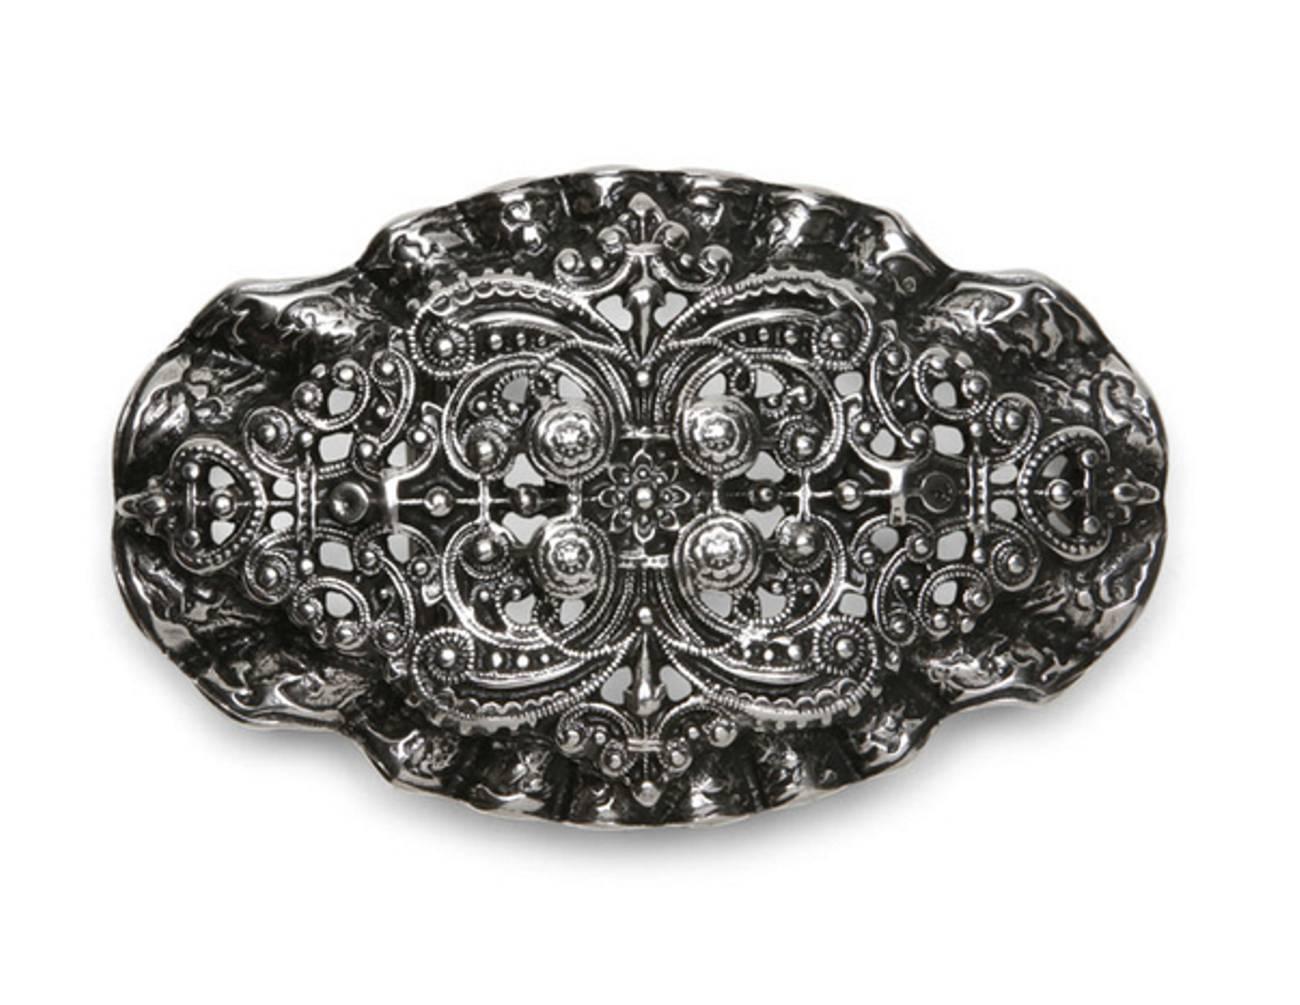 Schließe Buckle Gürtel-Schnalle Wechselschließe Peace Metall für 4 cm Schnallen